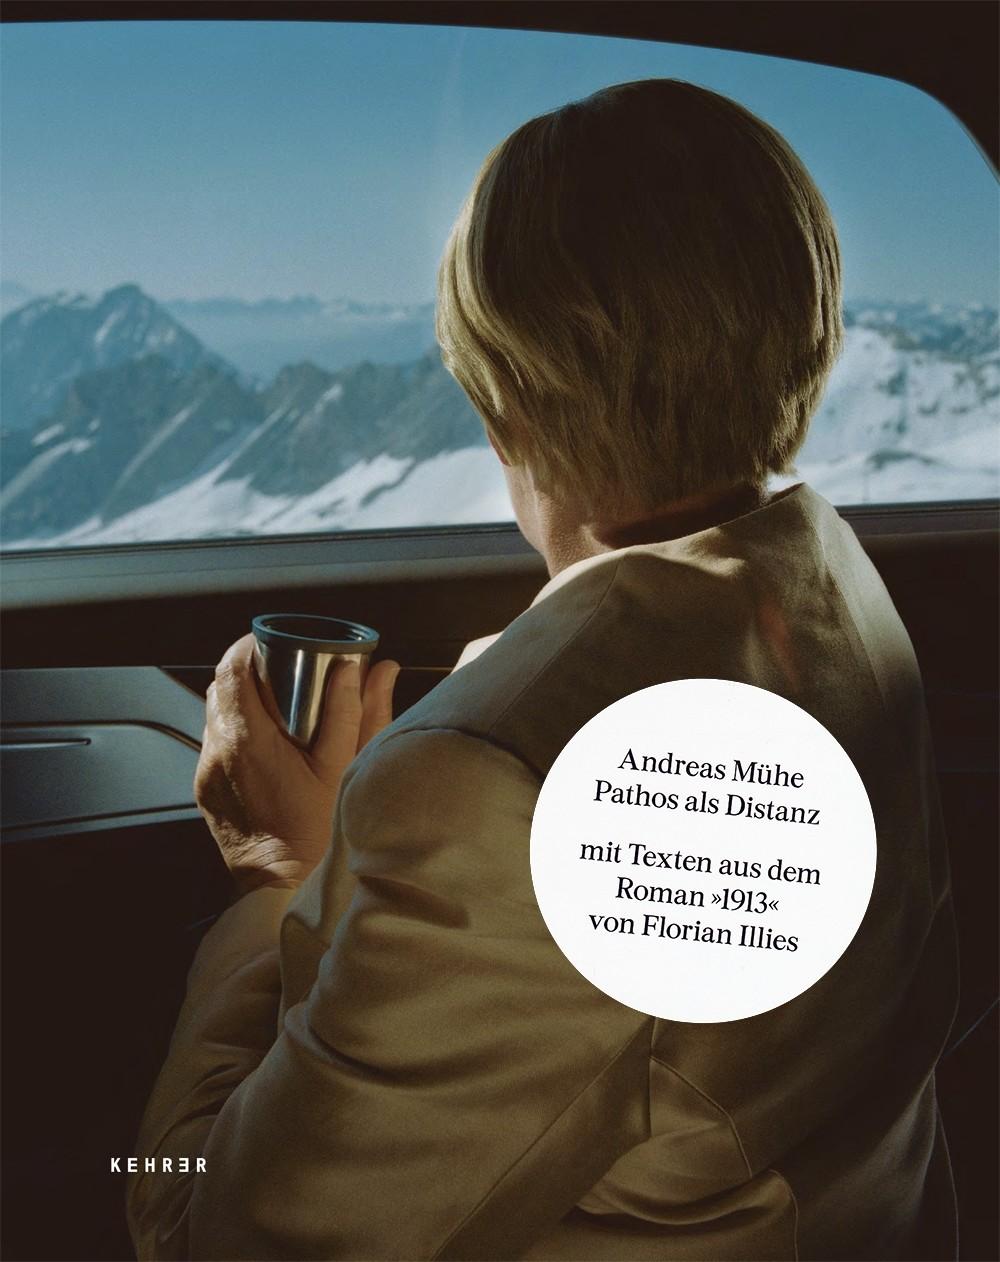 Andreas Mühe SIGNED COPY: Pathos als Distanz